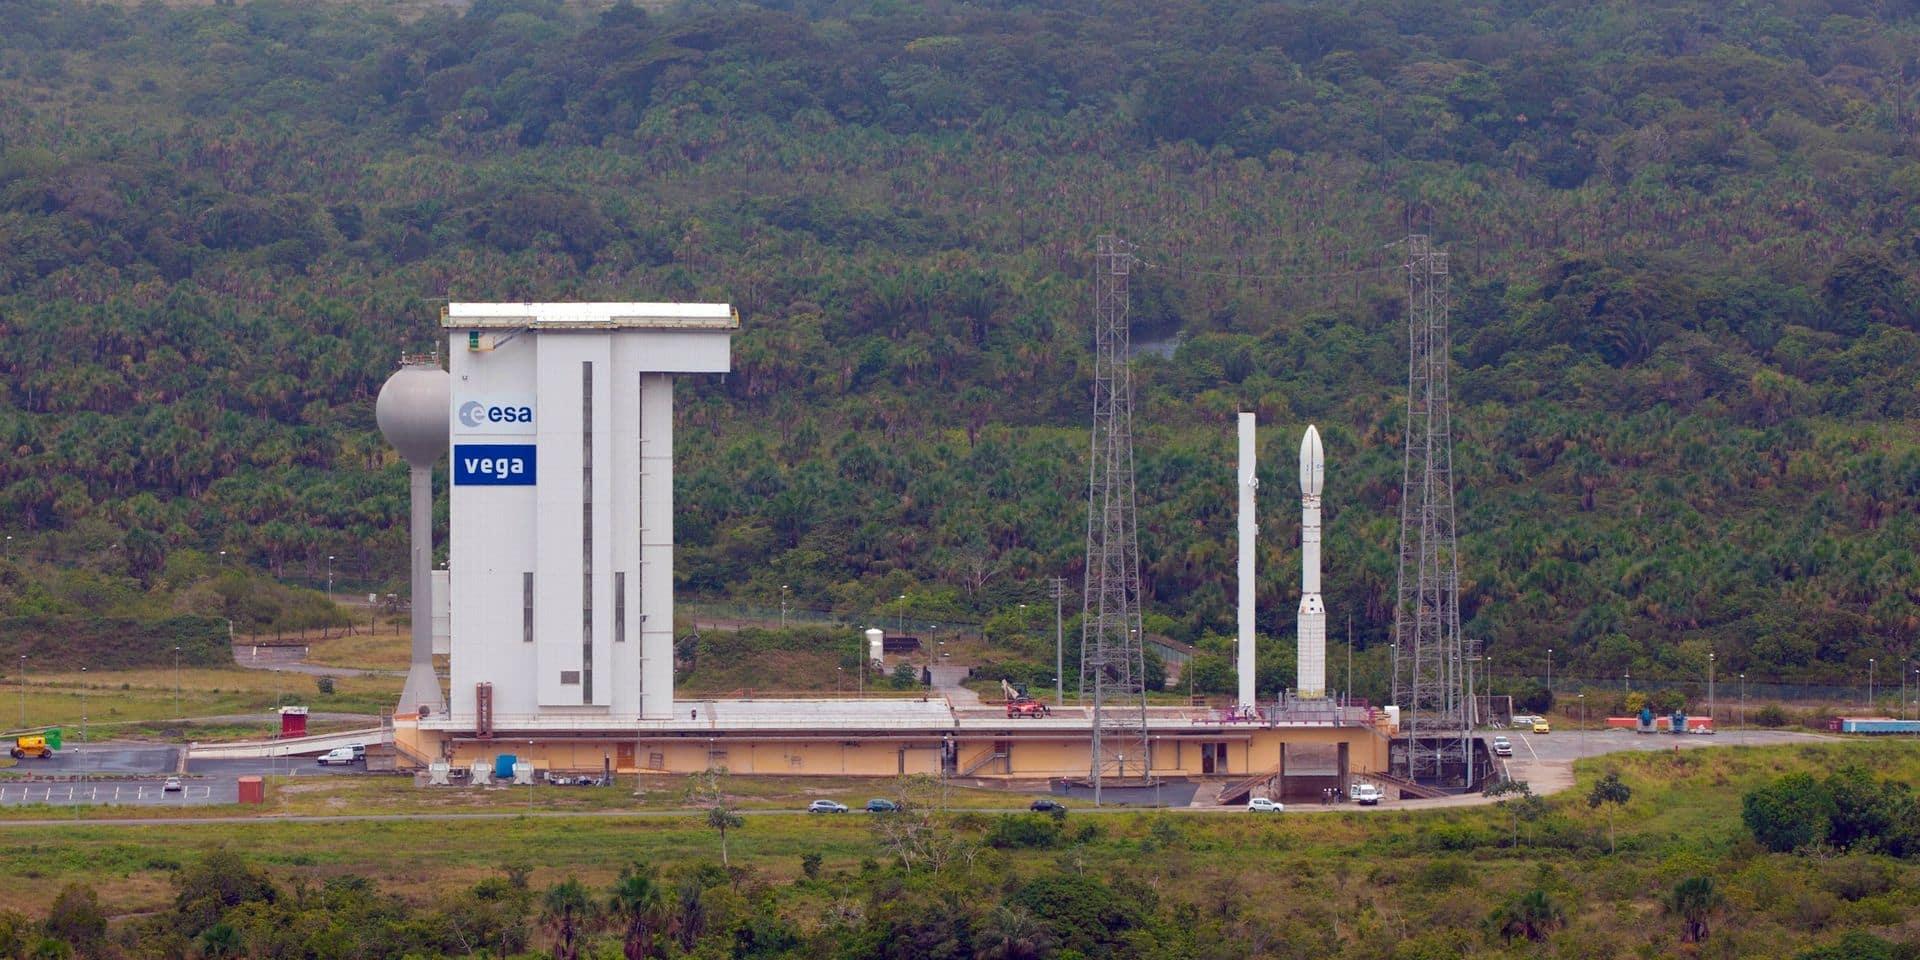 Le lancement de la fusée Vega reprogrammé samedi